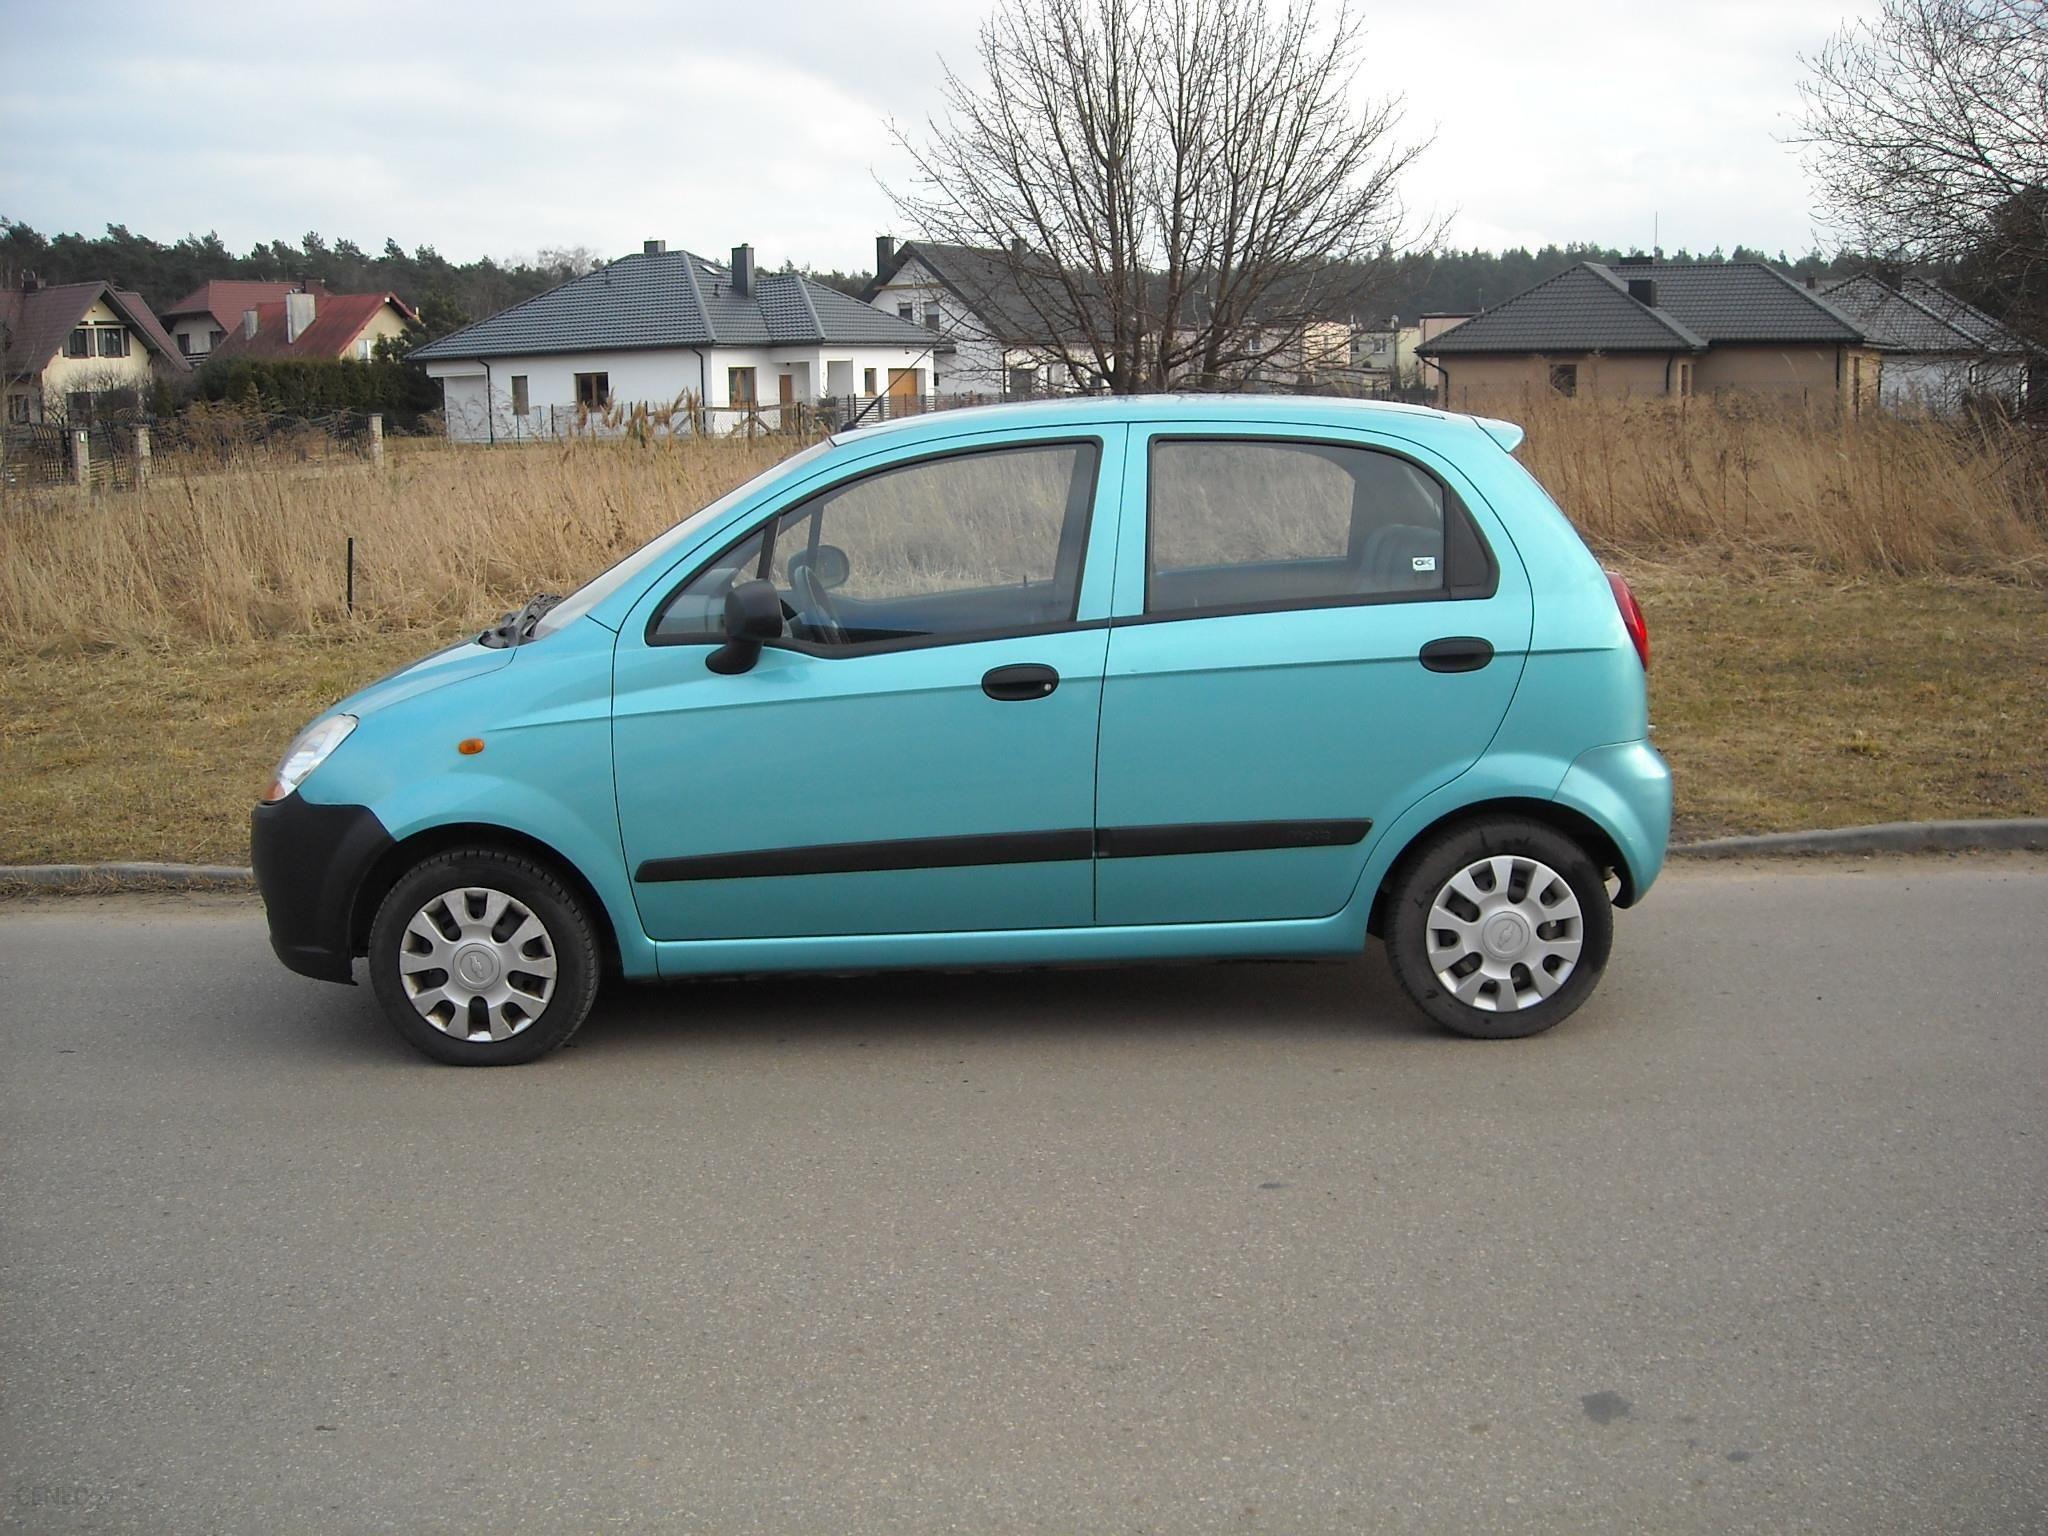 Chevrolet Matiz 2006 Benzyna 52km Hatchback Niebieski Opinie I